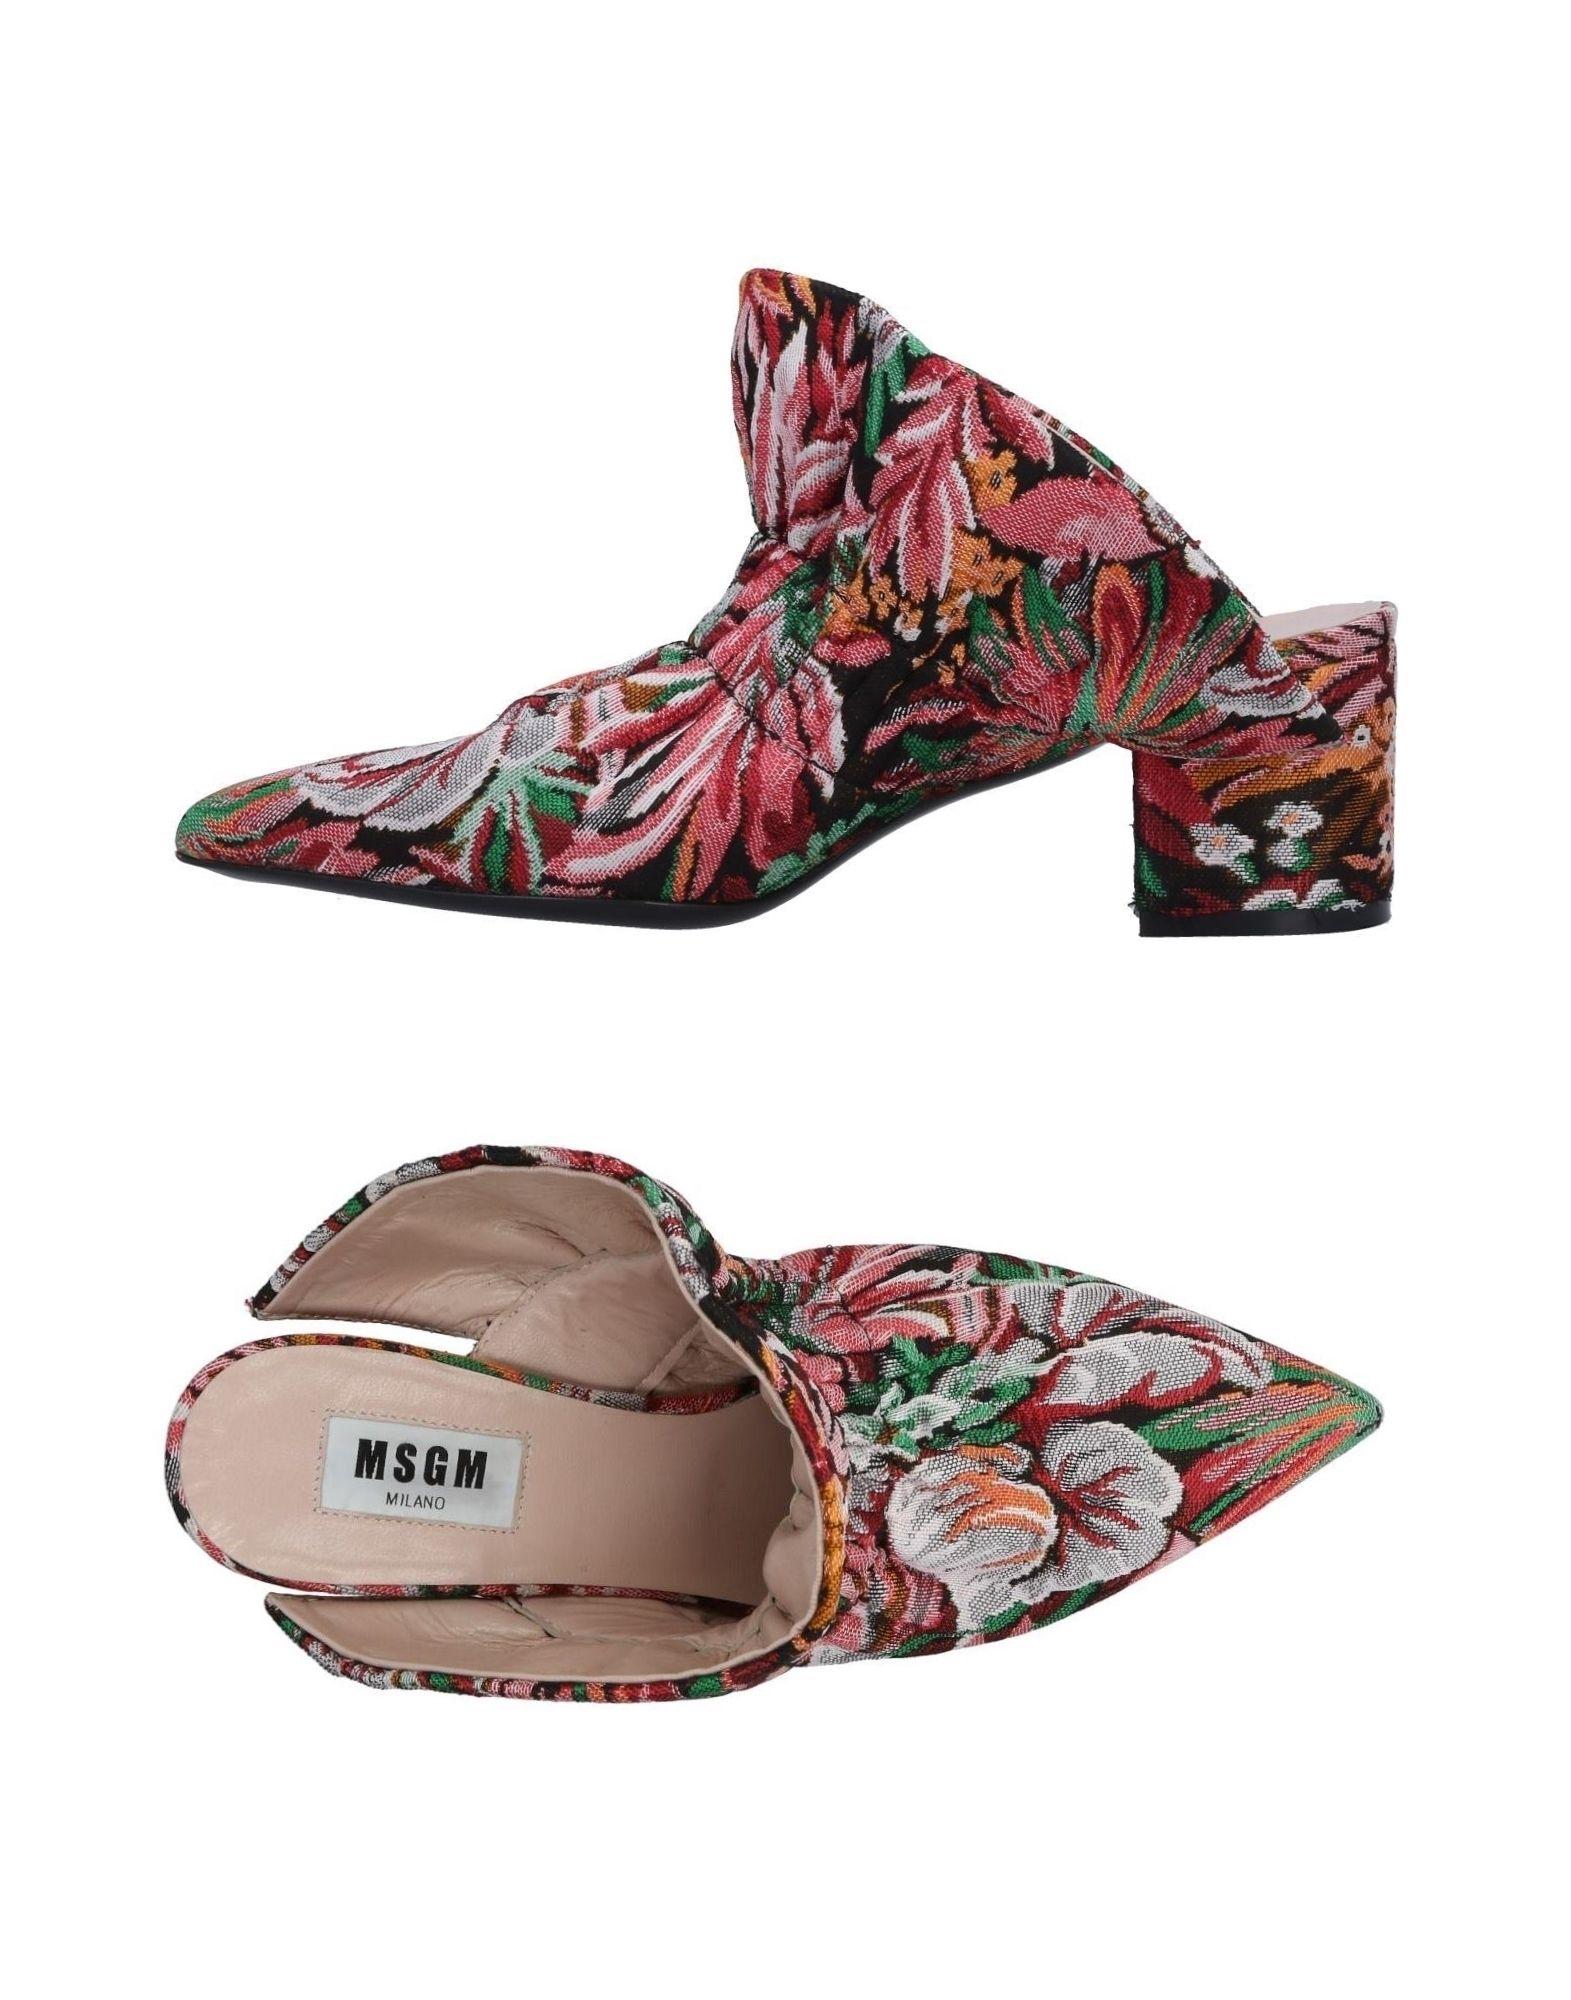 Msgm Pantoletten Damen  11495940MVGut aussehende strapazierfähige Schuhe